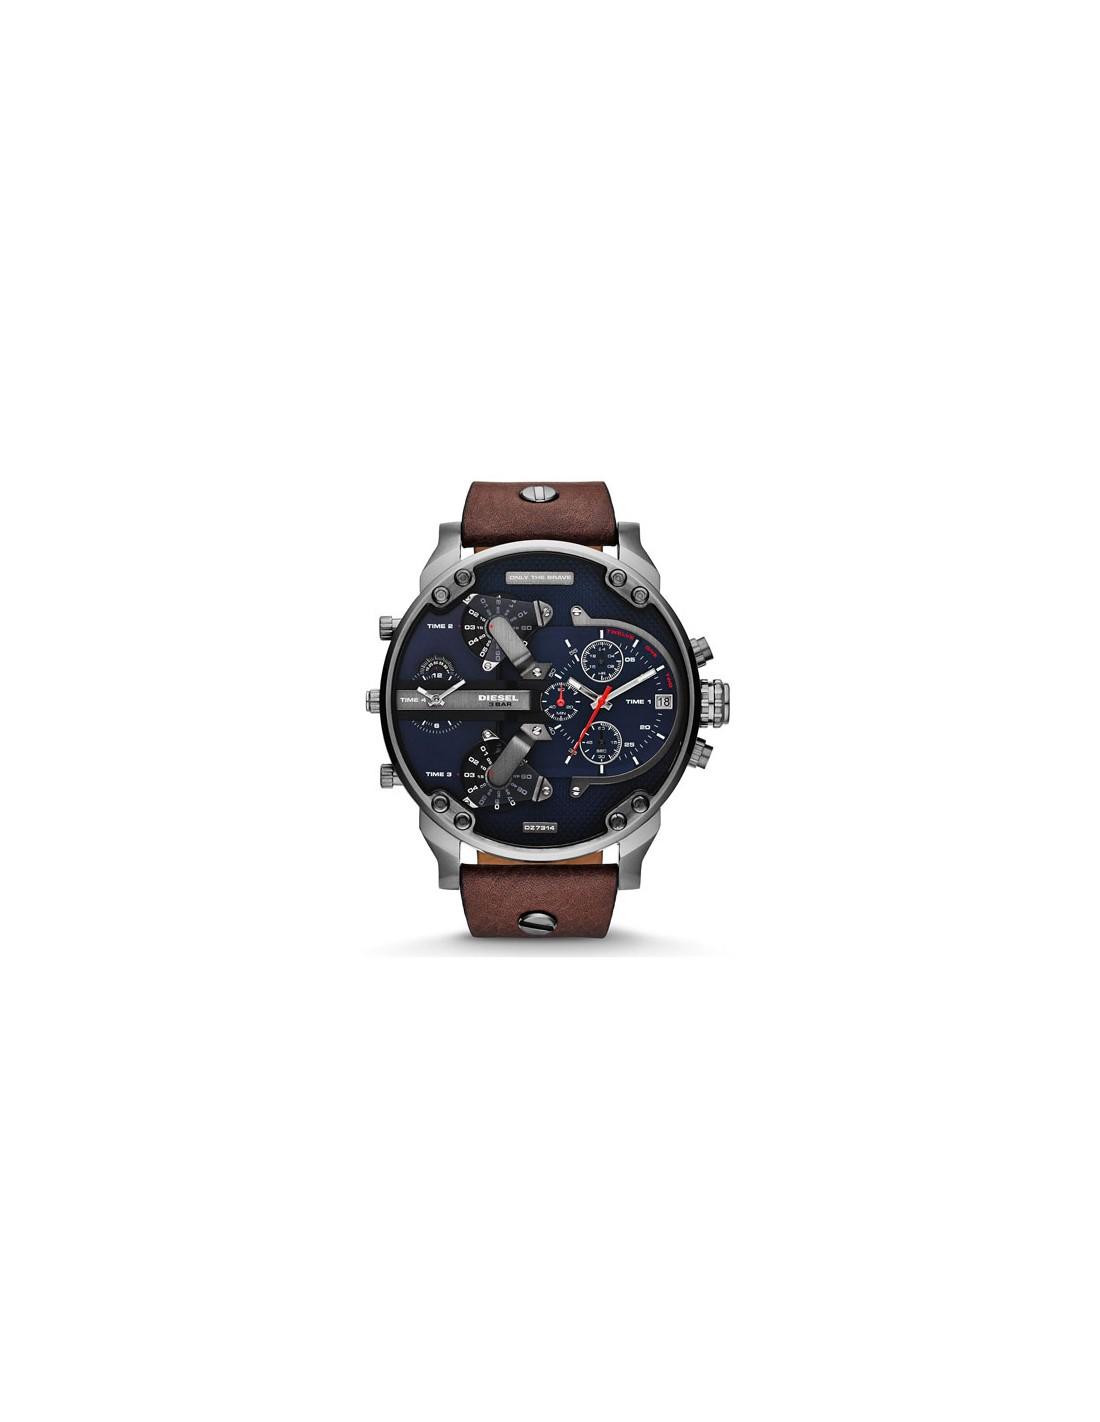 9f87bb8f4111 Reloj Diesel DZ7314